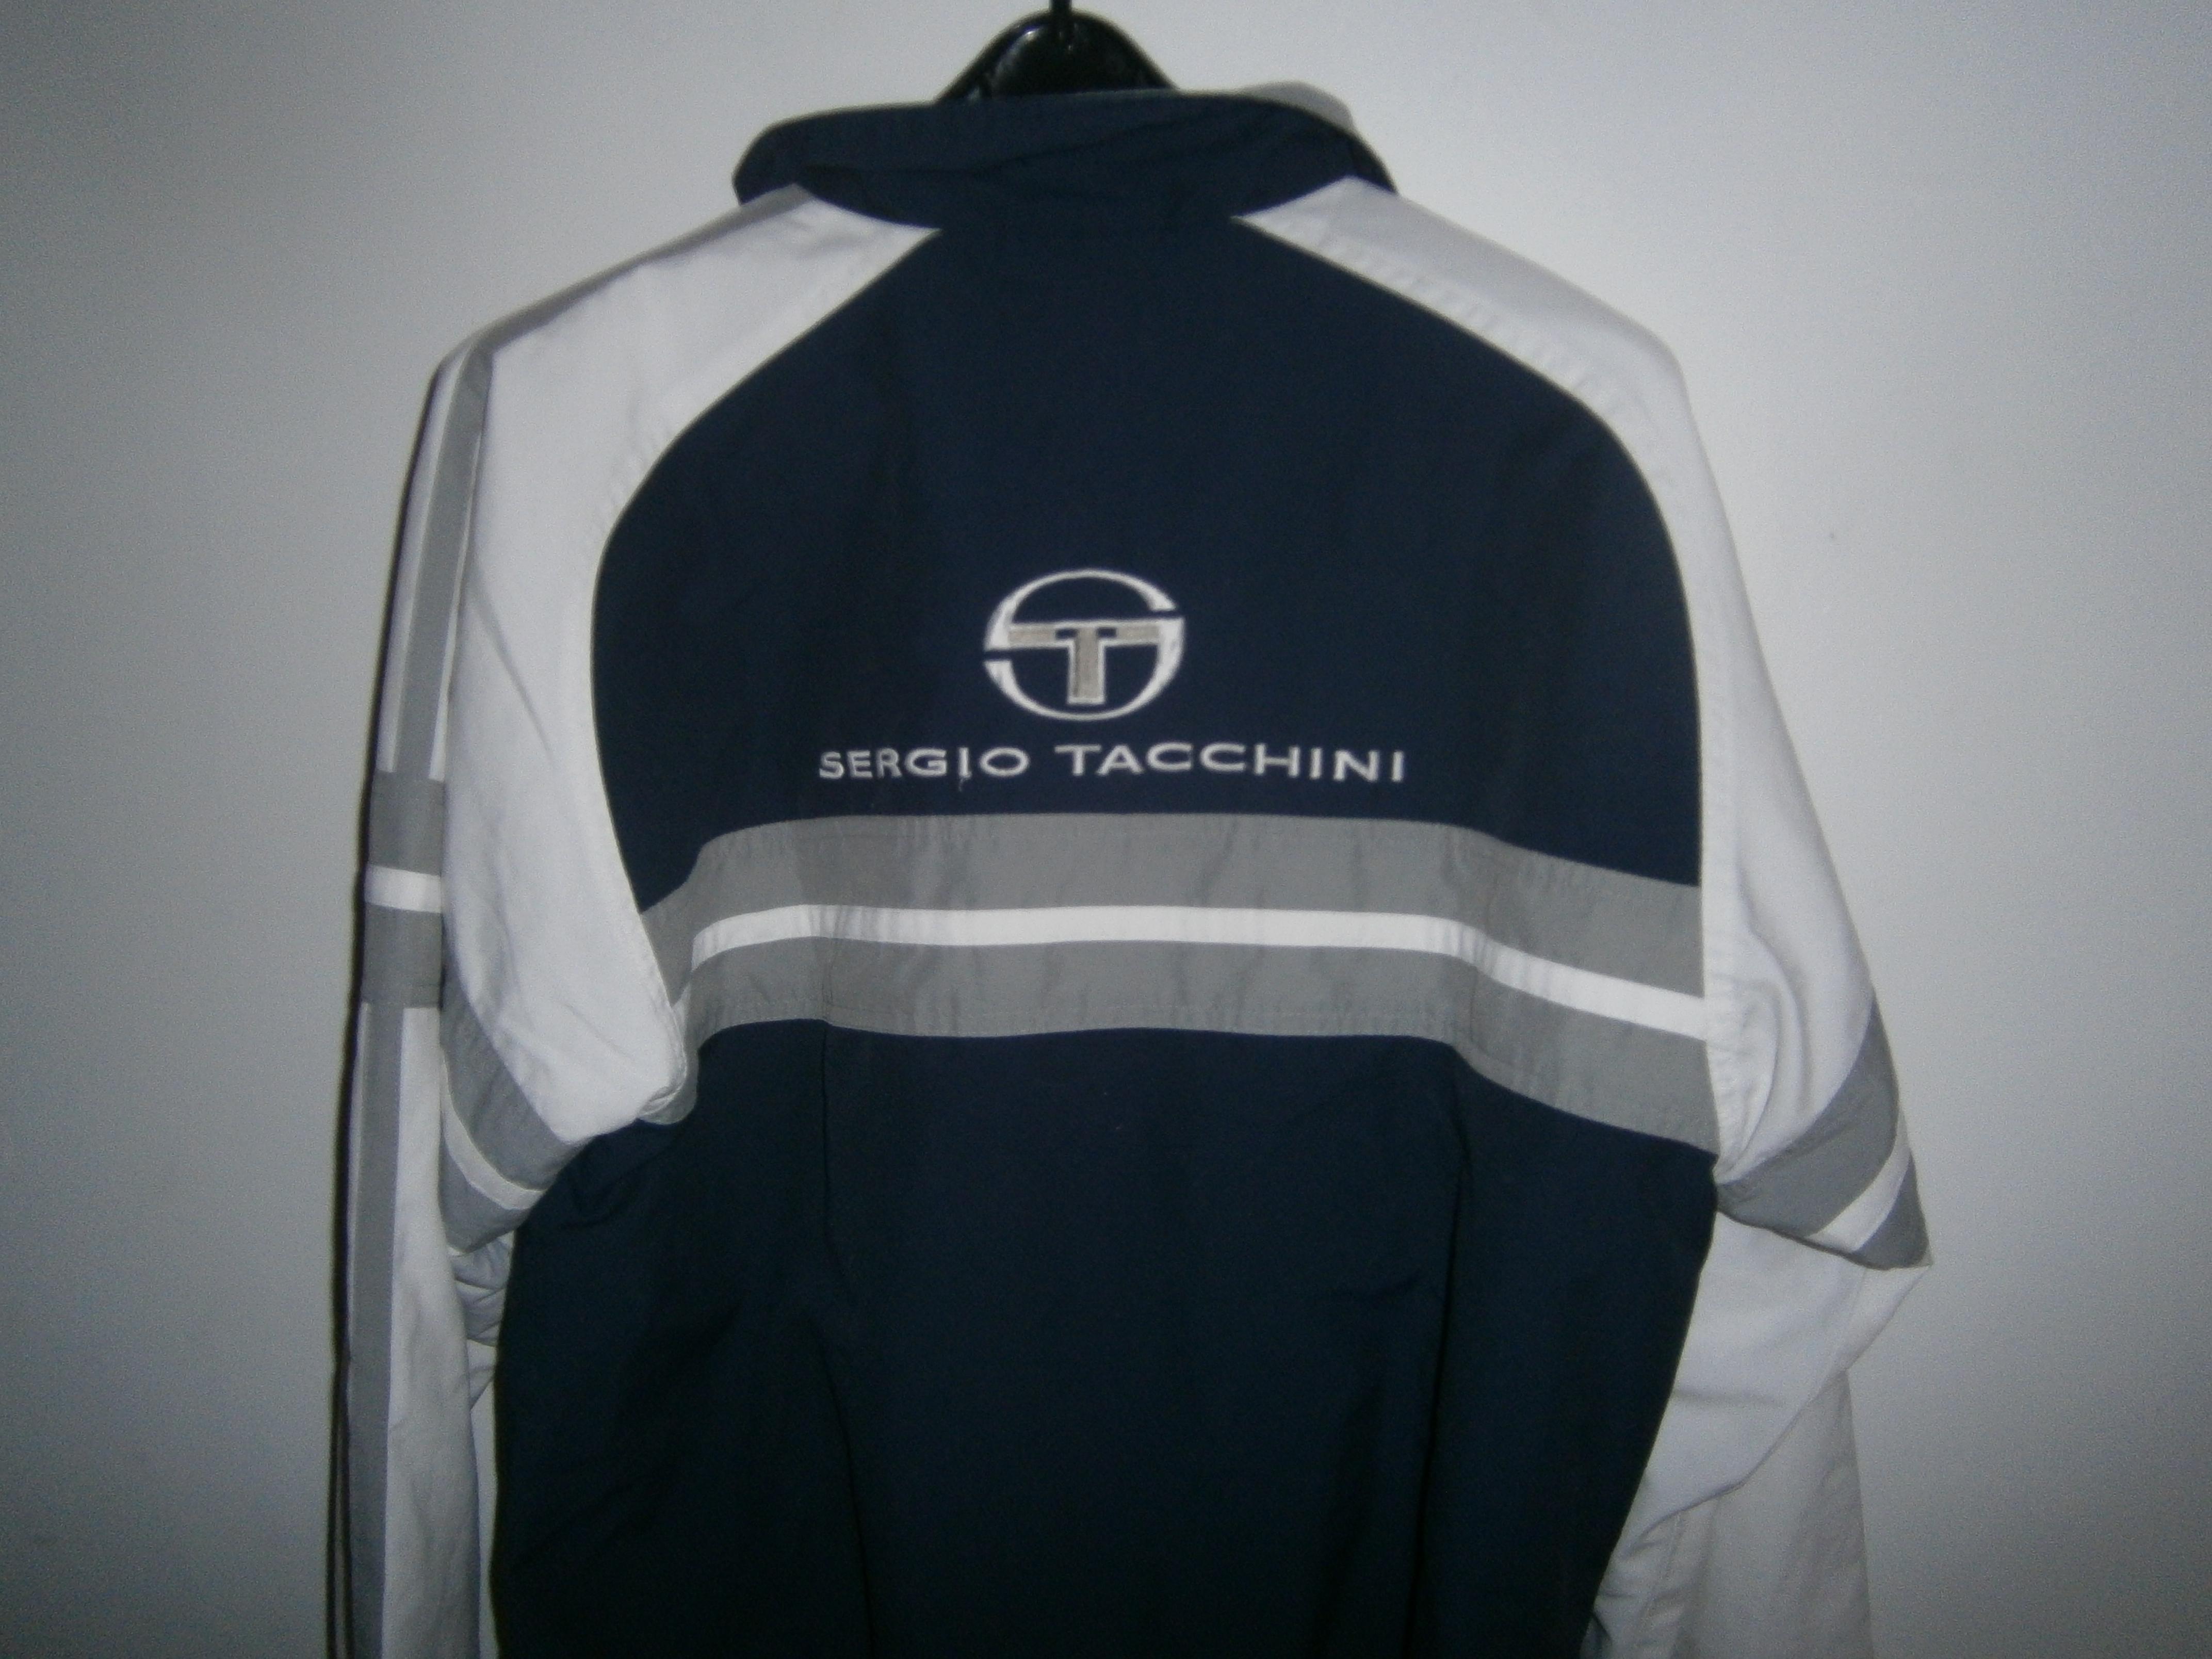 troc de troc blouson s sergio tacchini *reserve* image 1